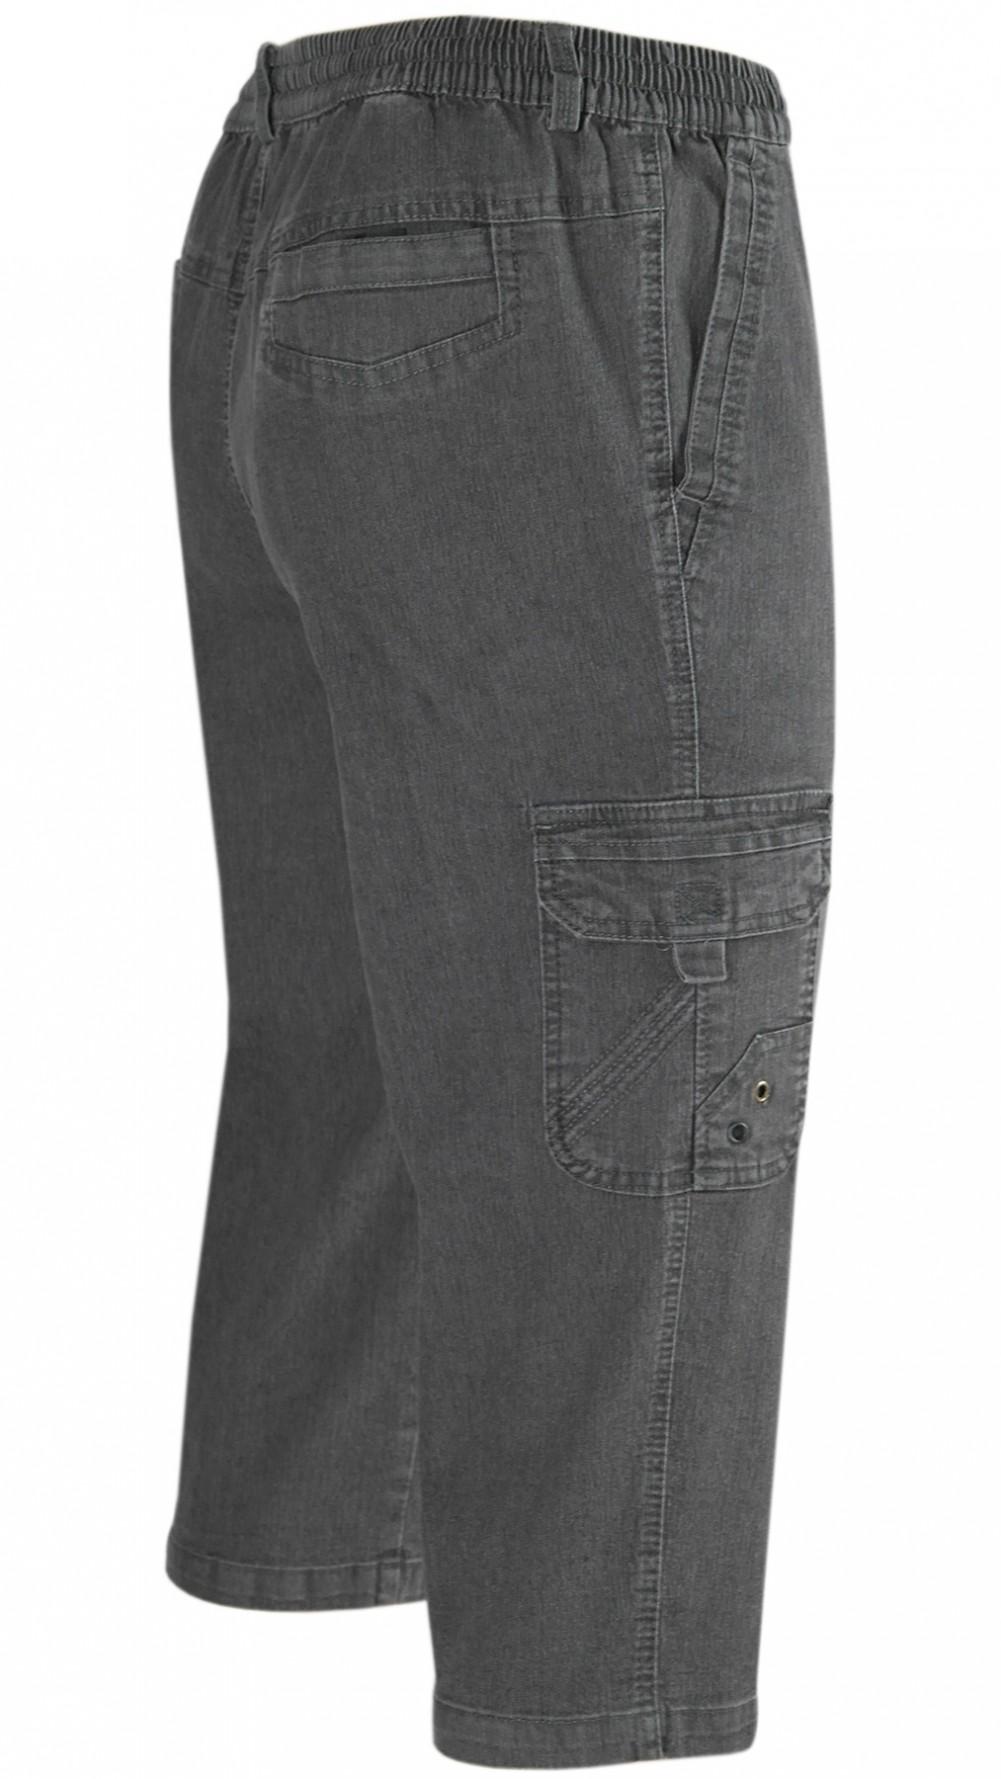 Herren Stretch Jeans Bermudas mit Dehnbund - Grau